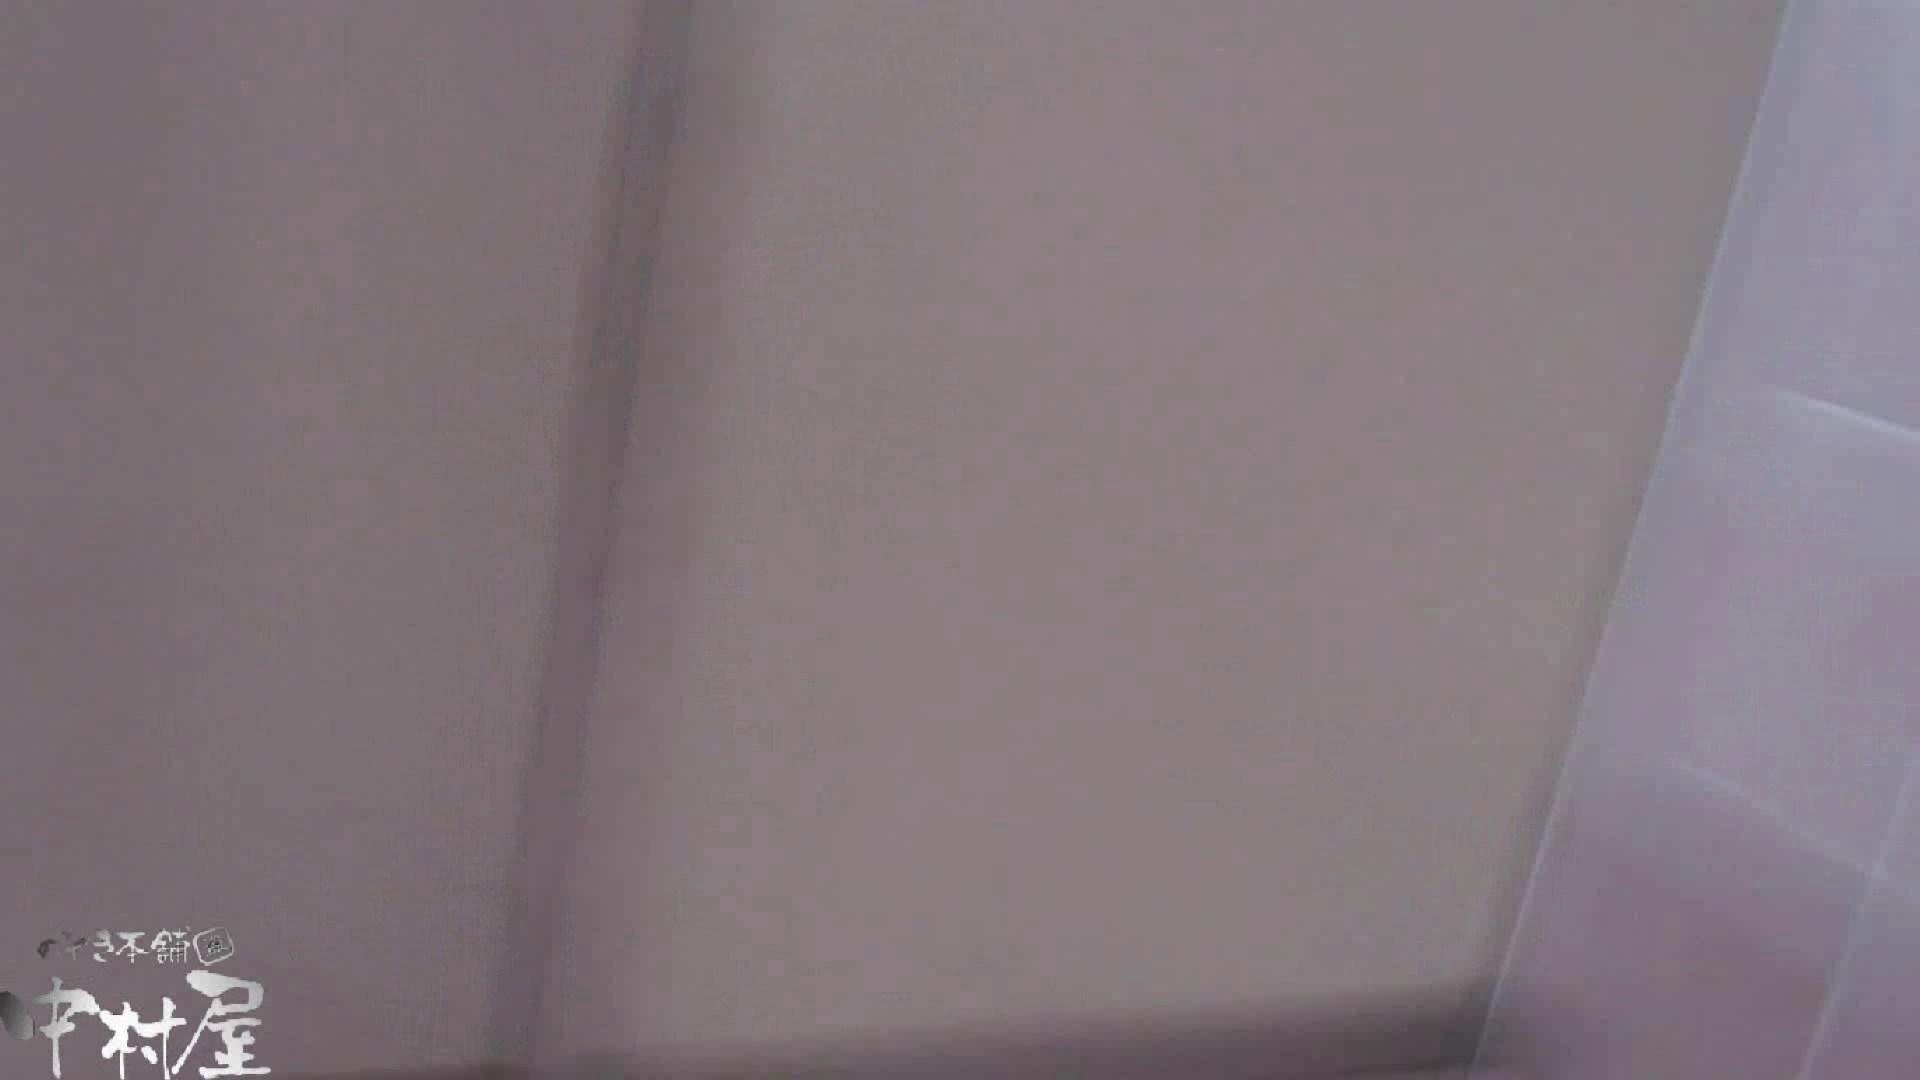 魂のかわや盗撮62連発! 三方向から黄金水噴射! 18発目! 盗撮師作品 | 黄金水  92pic 35